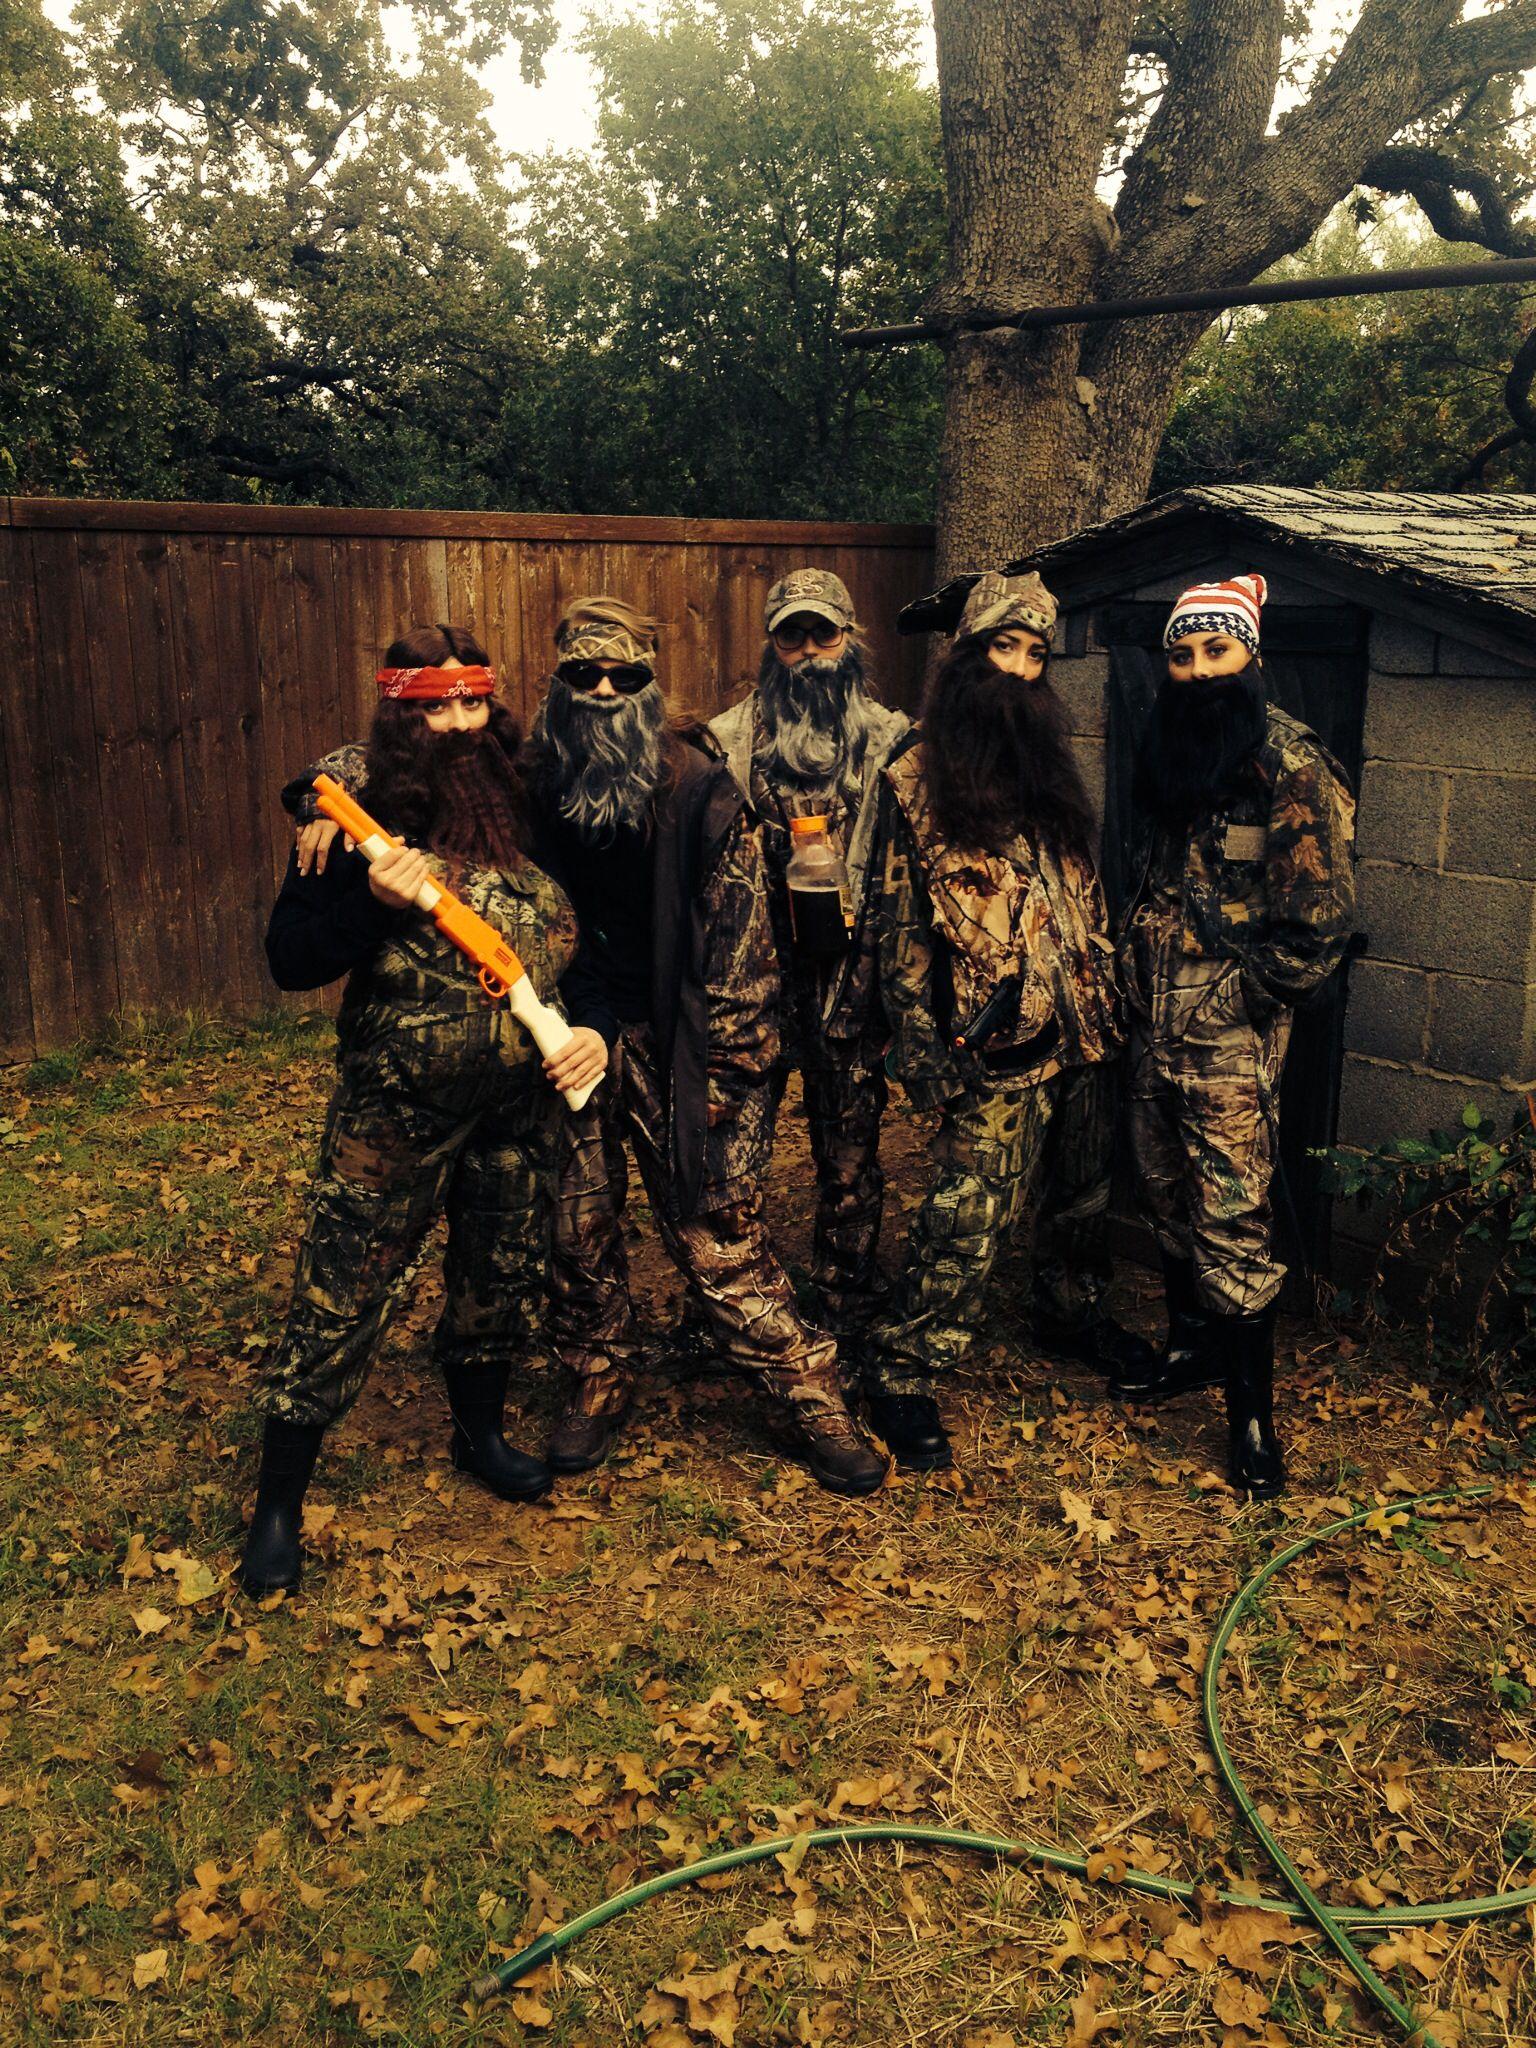 Duck Dynasty Halloween Costume #duckdynasty #halloween | holidays ...